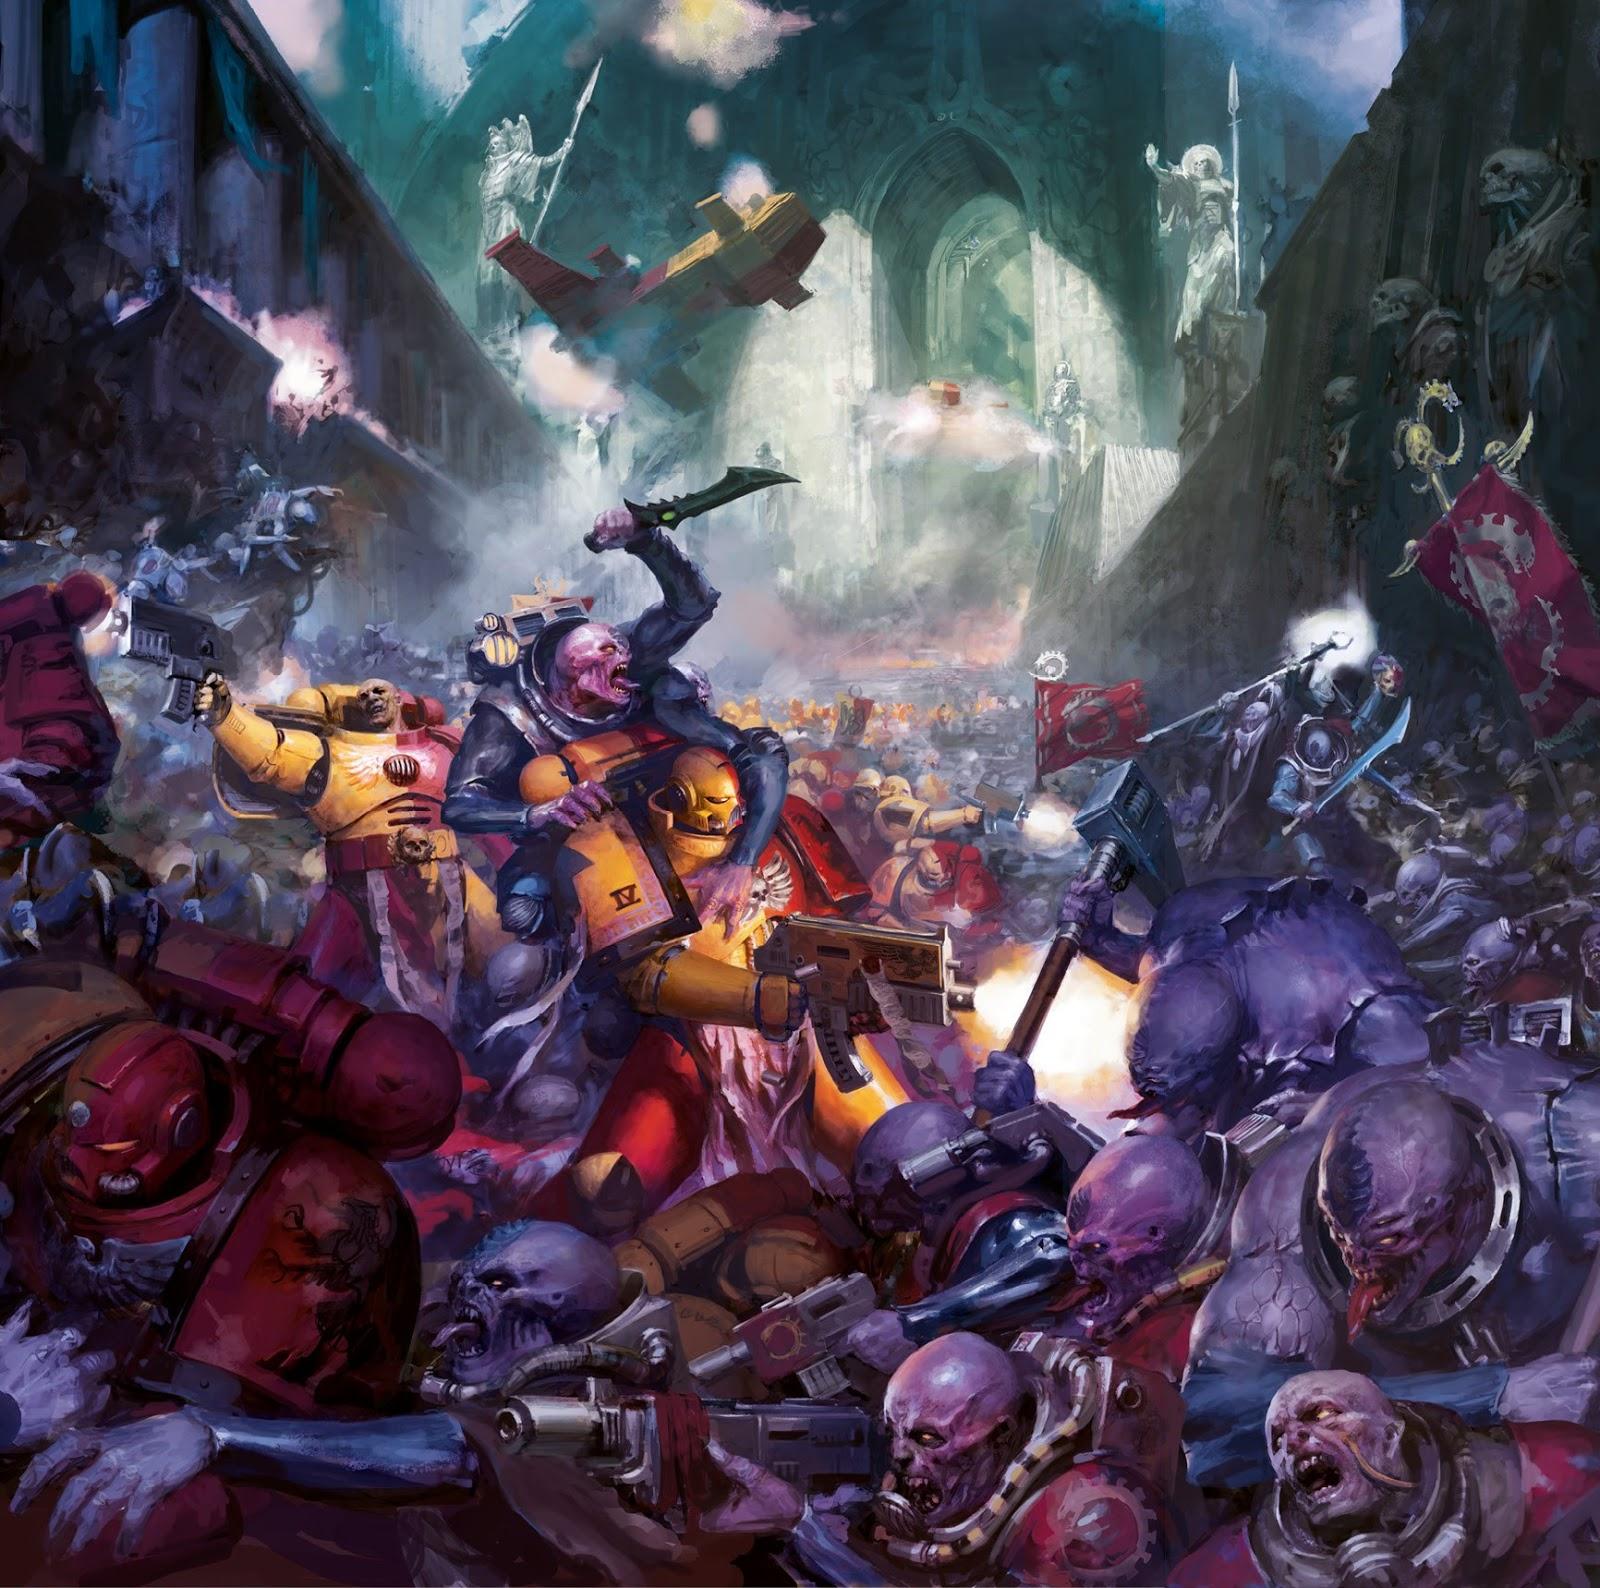 dawn of war dark crusade imperial guard guide vs eldar